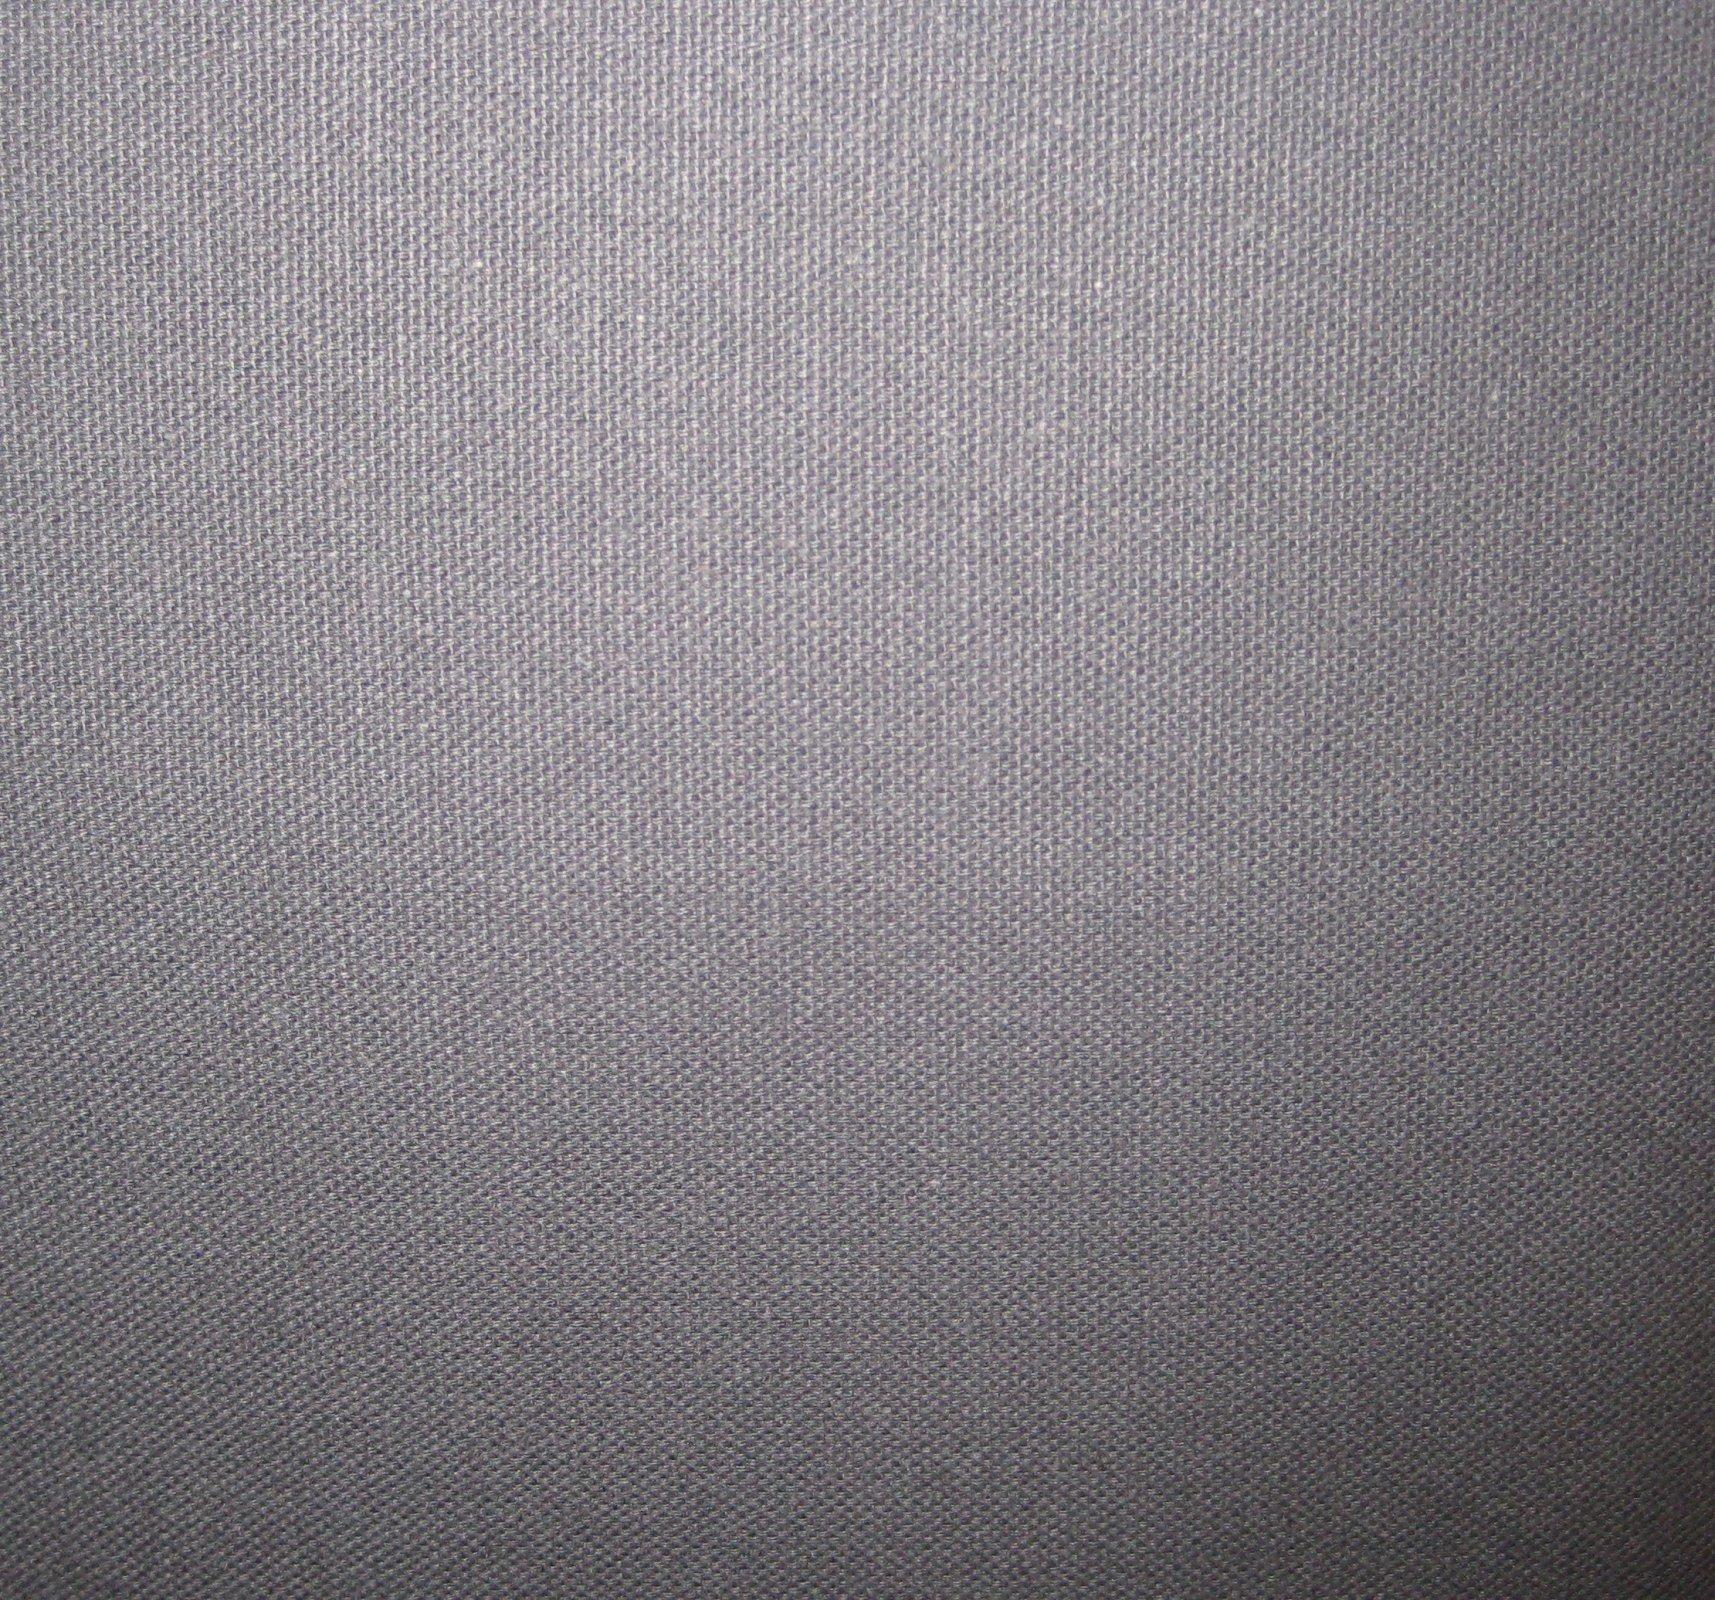 Duck Cloth 10oz 1217 Grey